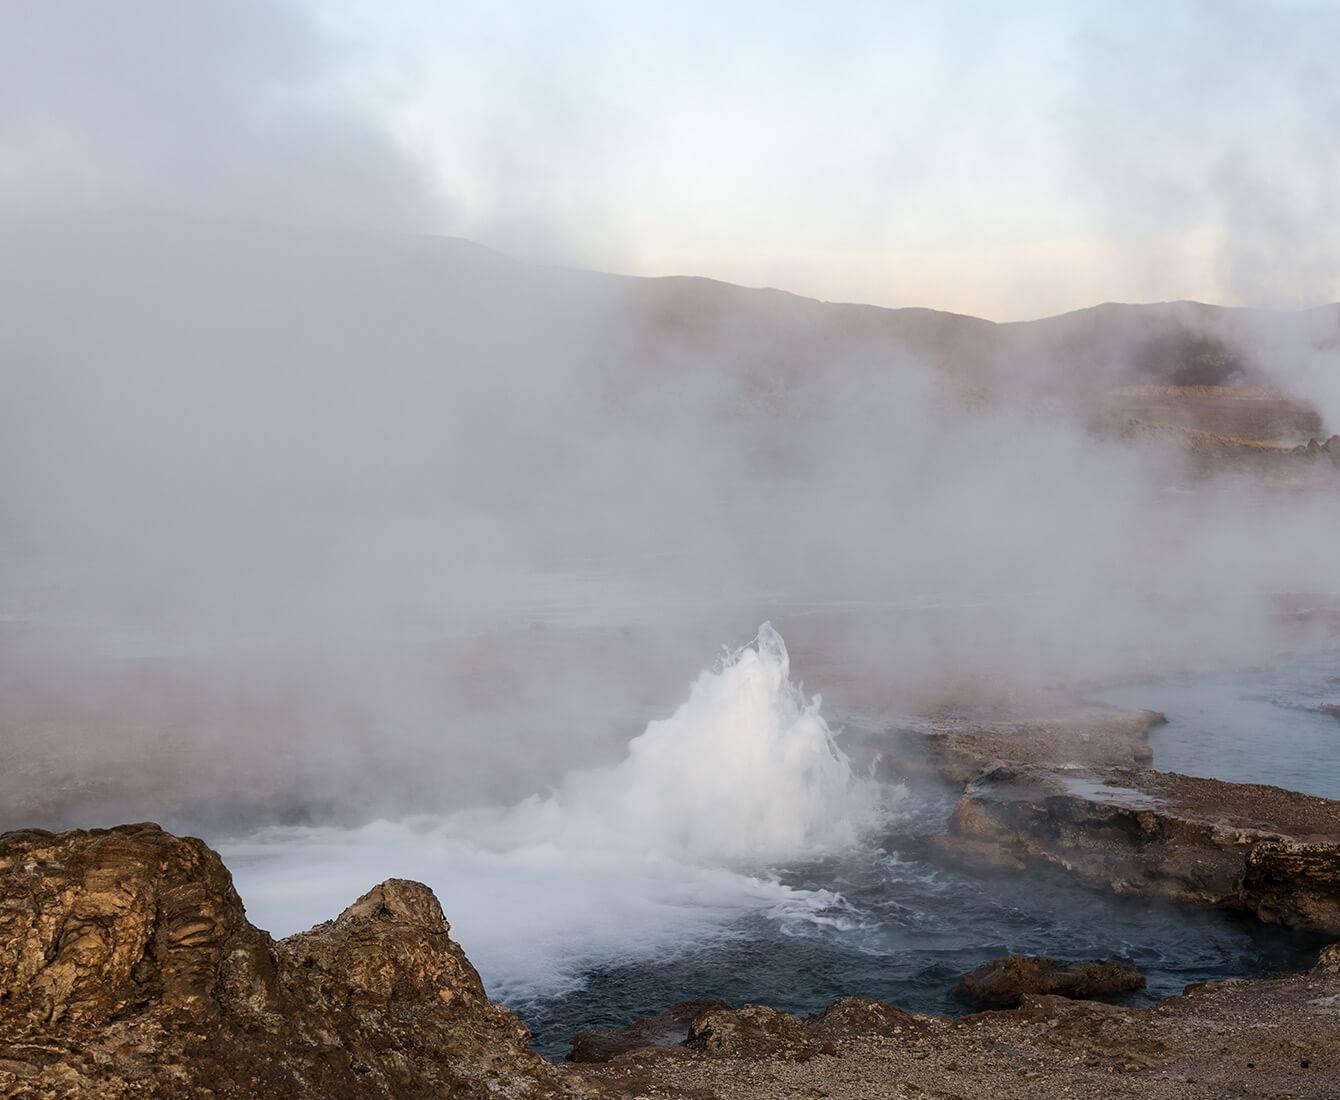 eau se brisant sur les rochers